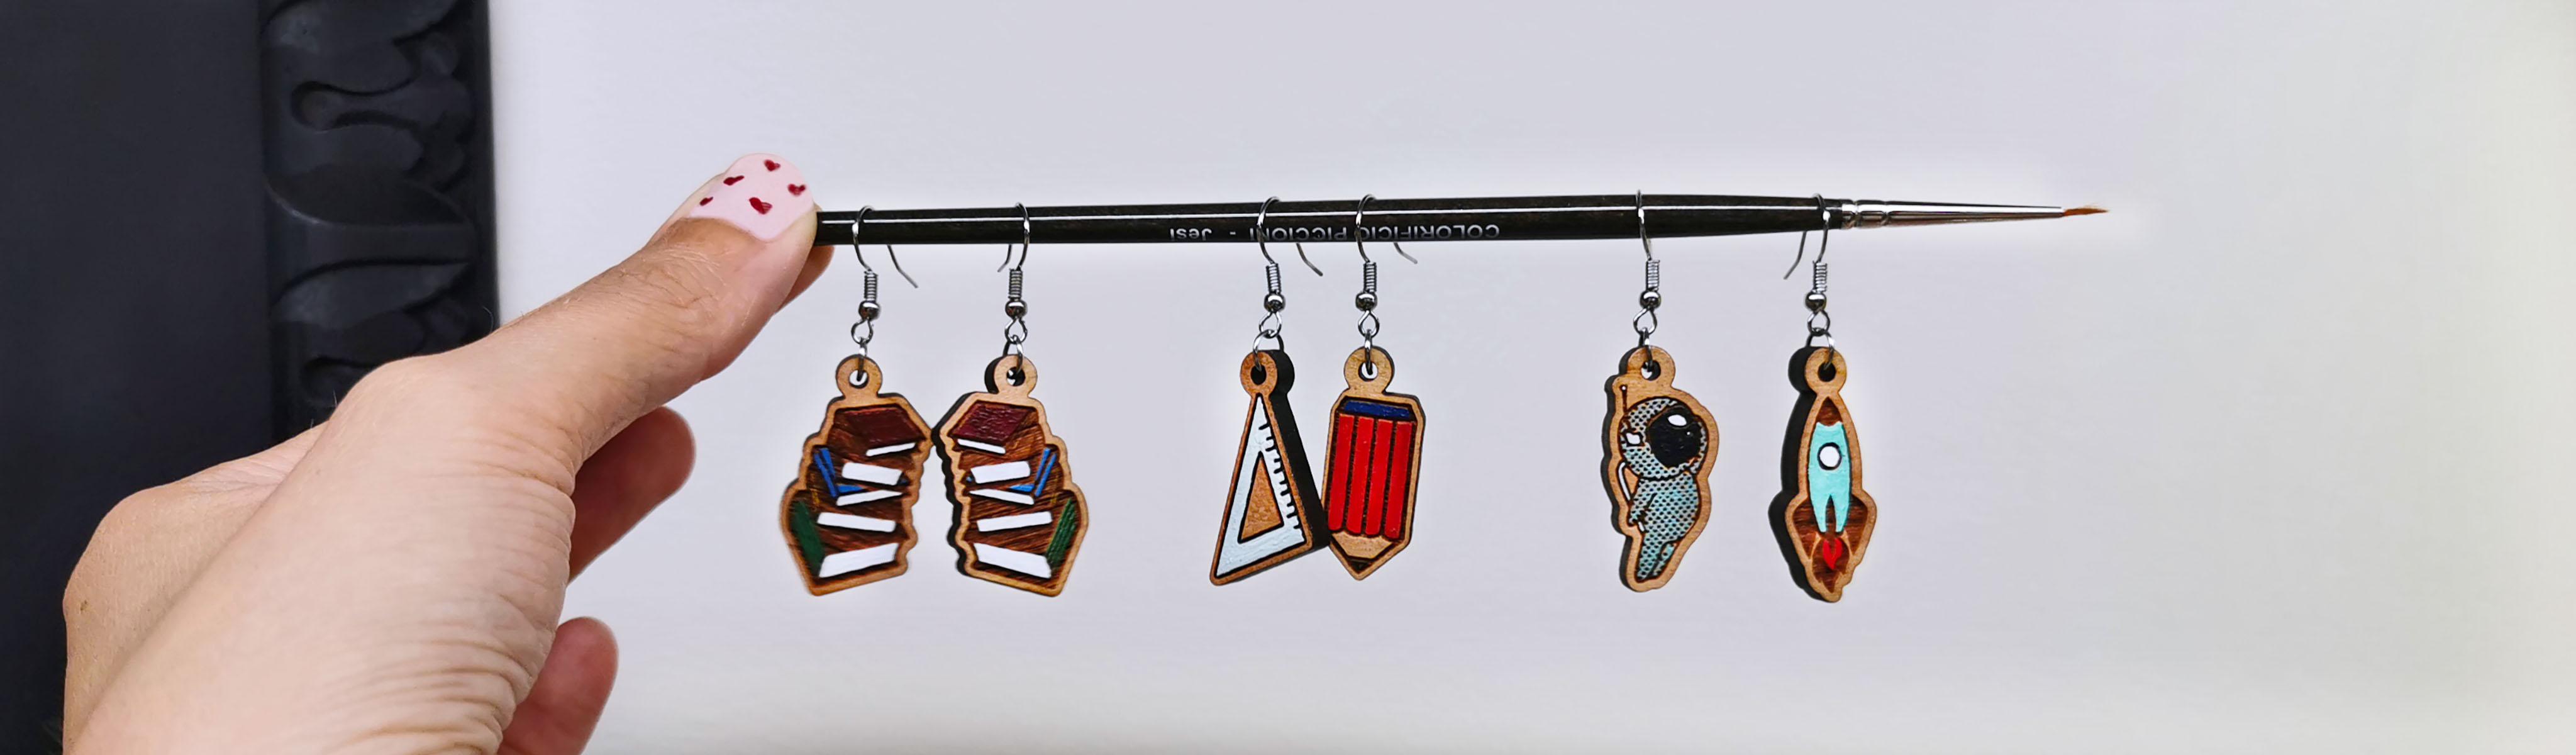 orecchini legno dipinti a mano libri righello spazio razzo squadra matita gigetto1910 idee regalo donna home